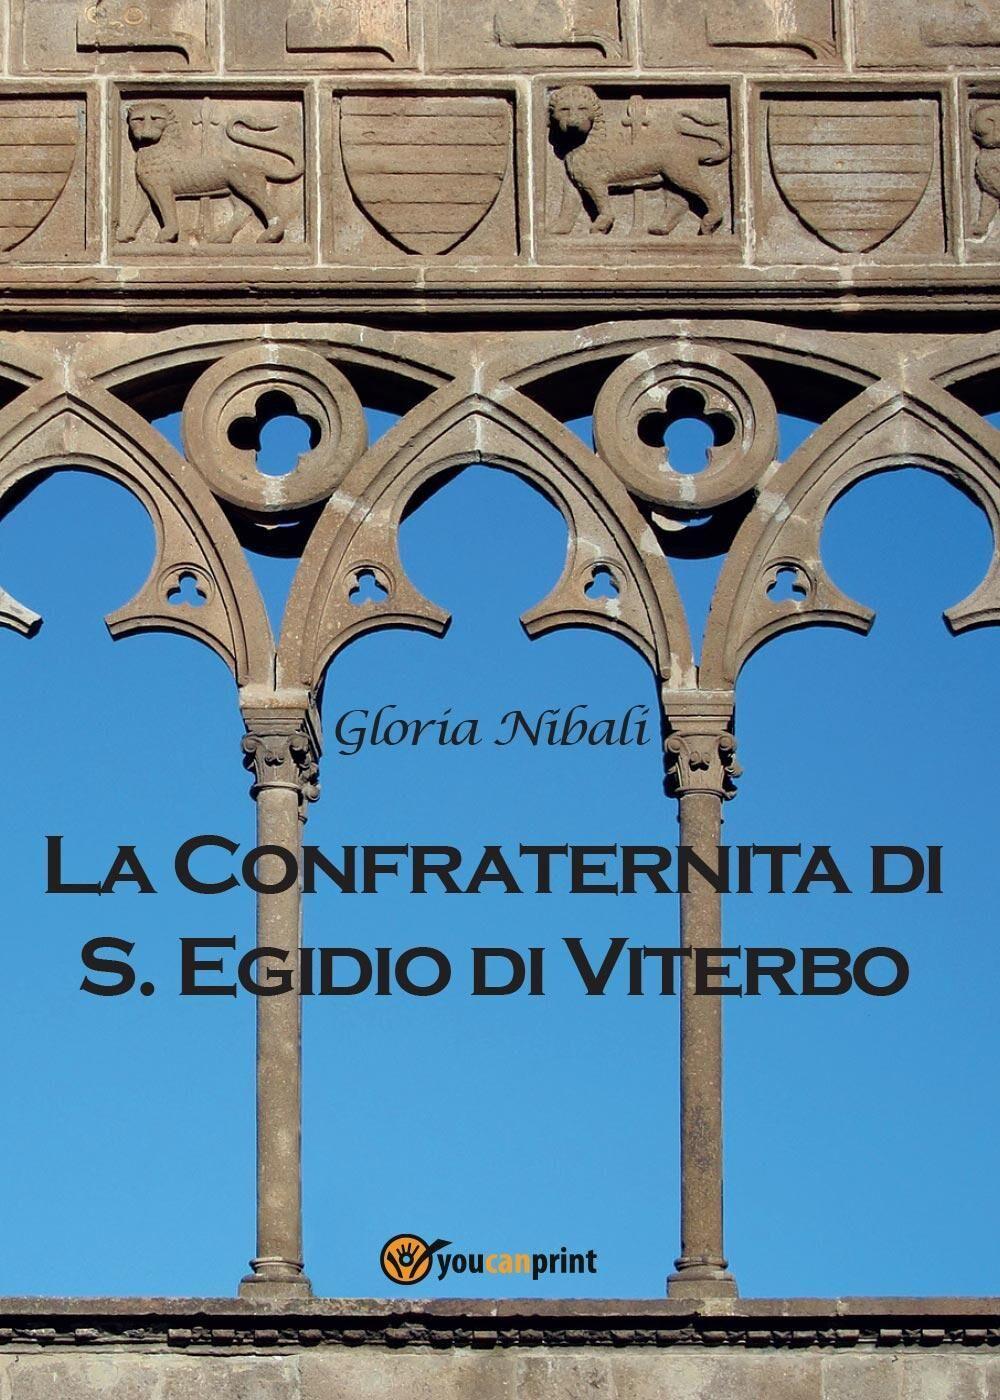 La confraternita di S. Egidio di Viterbo